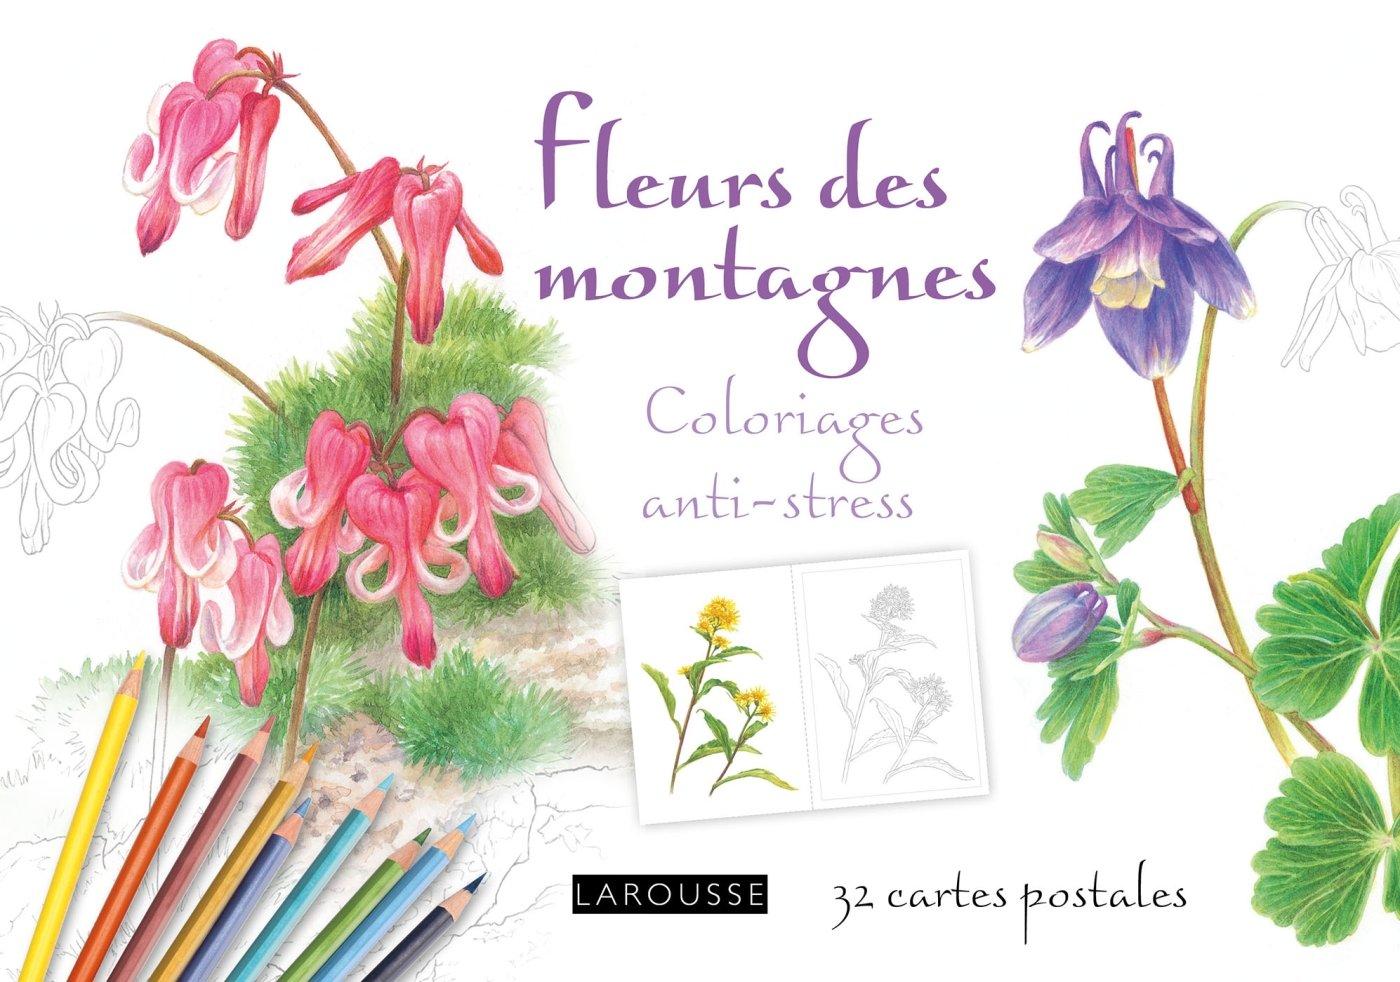 Amazon cartes postales Fleurs de montagne coloriages anti stess Collectif Livres